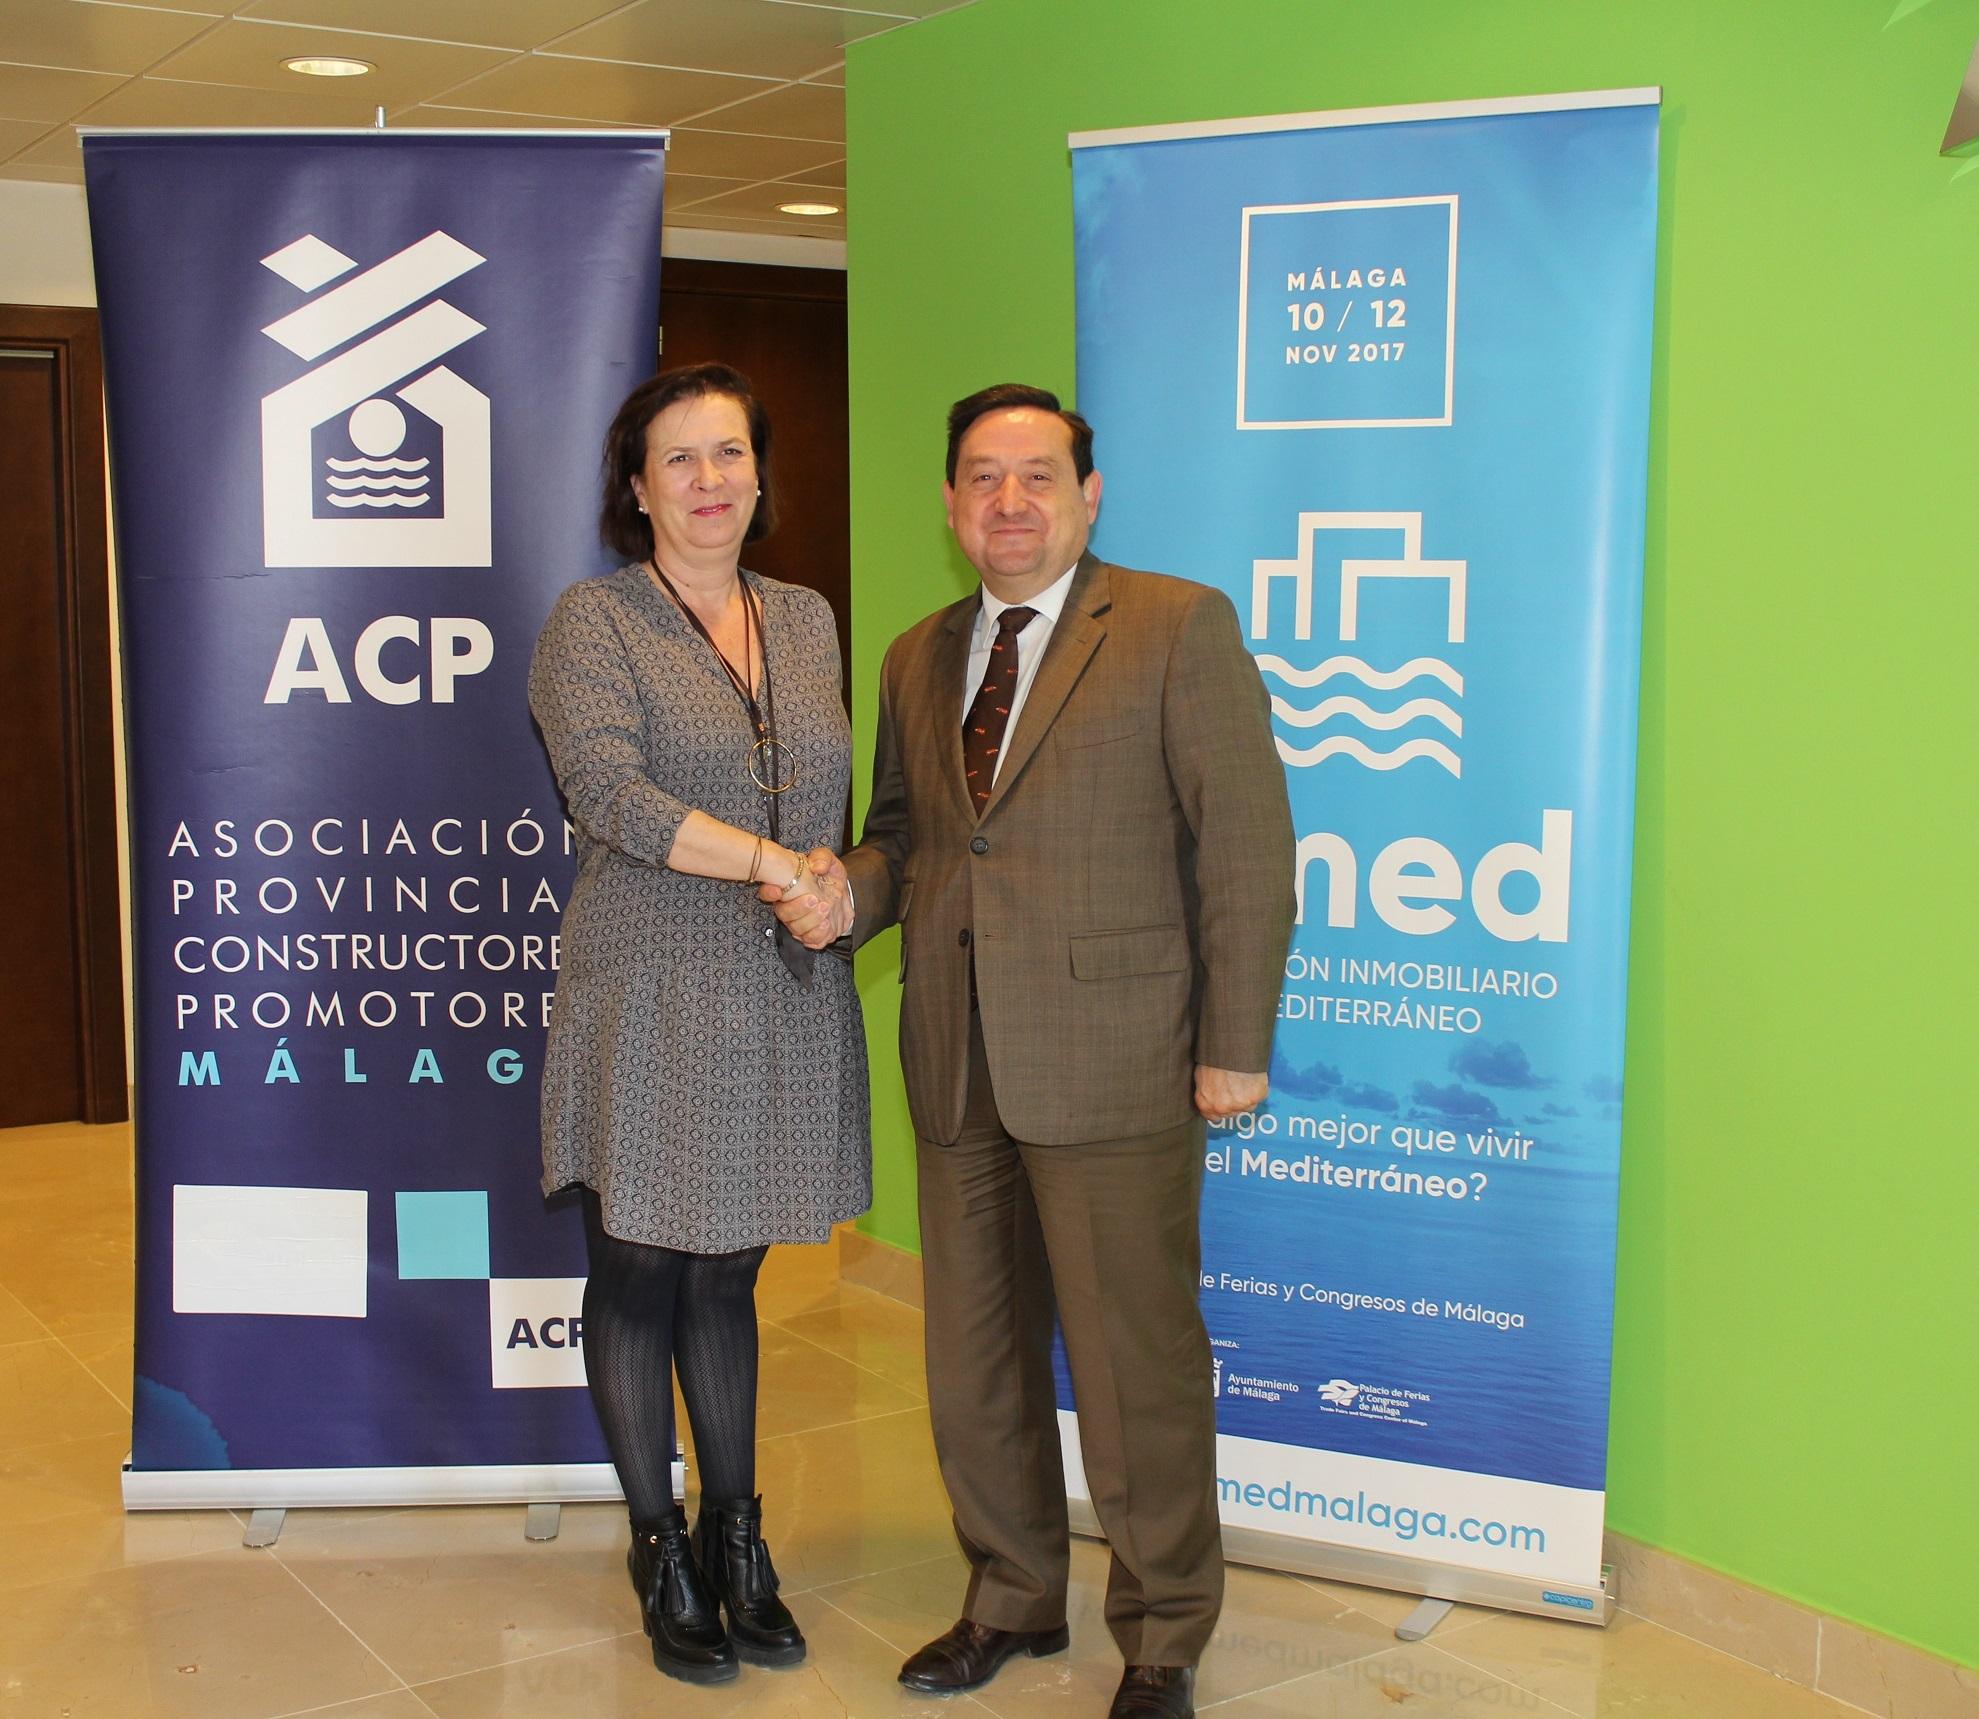 FYCMA y la Asociación Provincial de Constructores y Promotores de Málaga renuevan su colaboración para el próximo SIMed